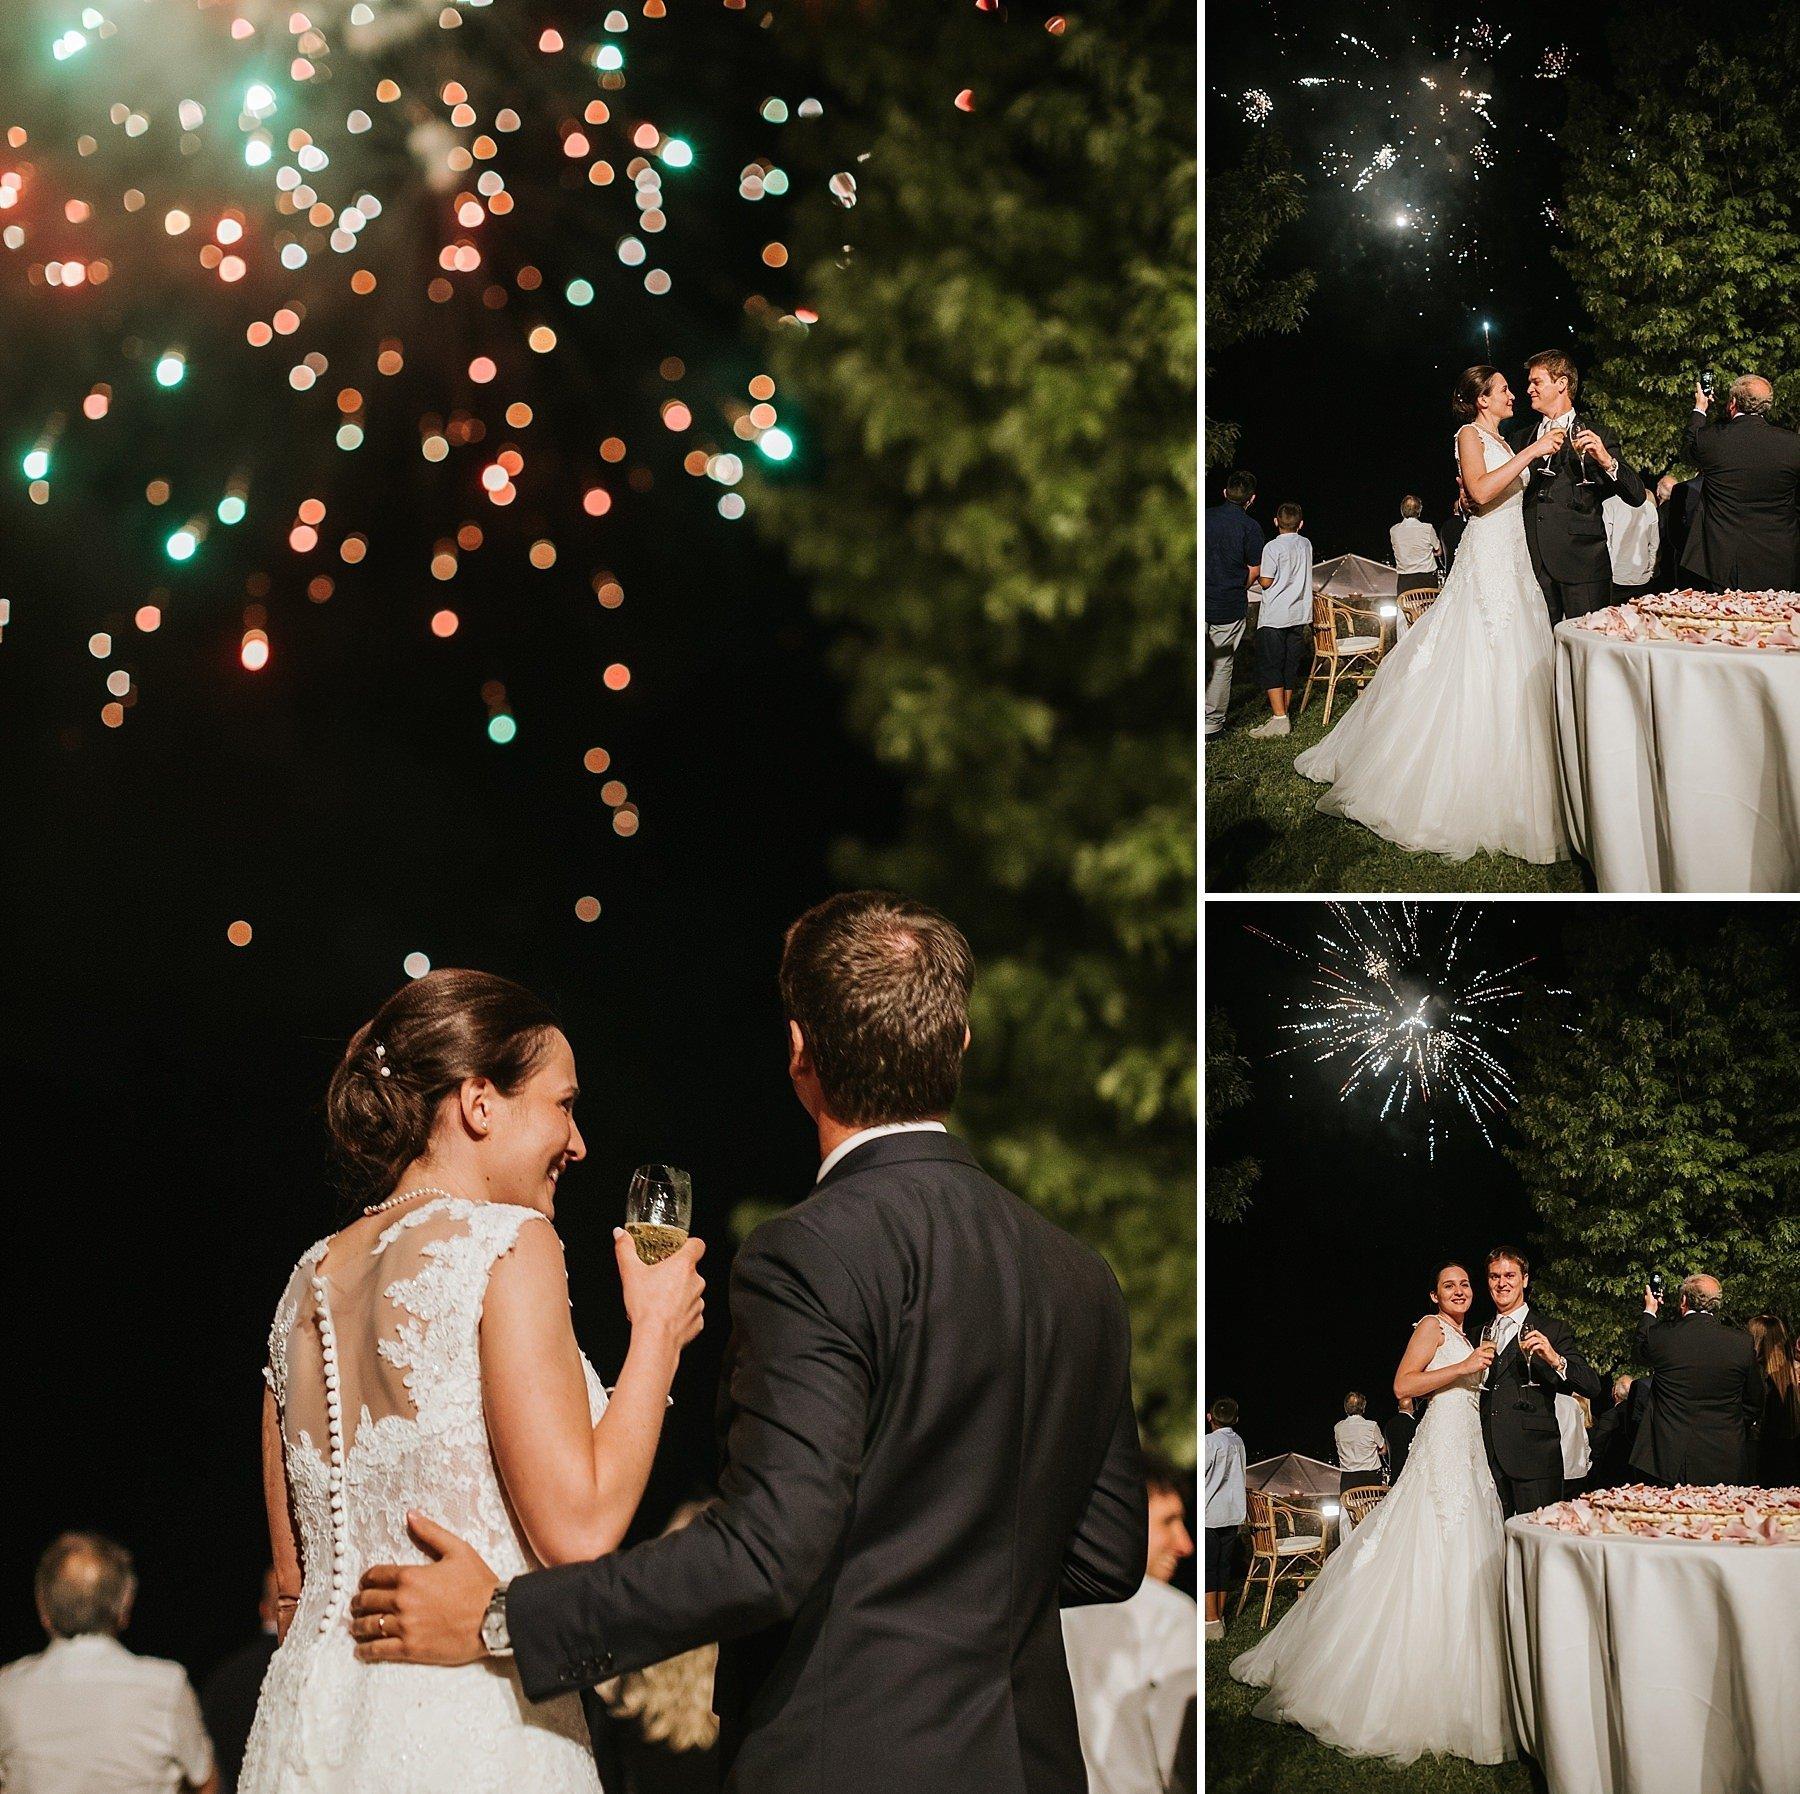 Sposo e sposa mentre brindano con i fuochi d'artificio